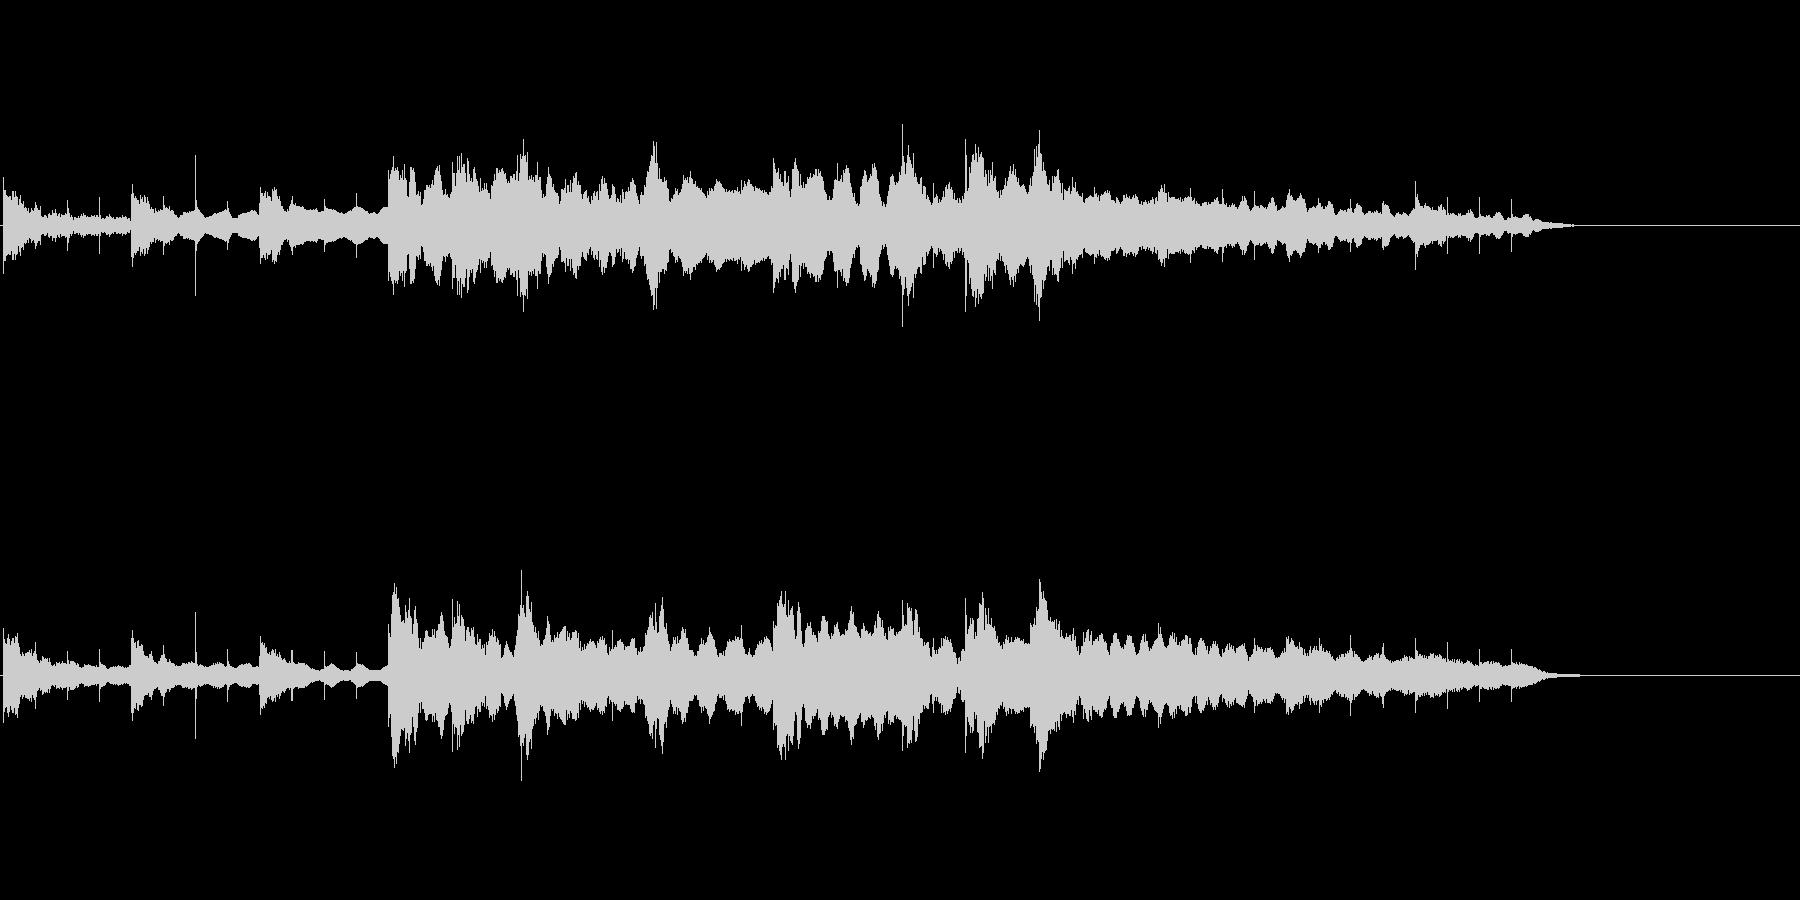 和楽器によるゲームオーバーBGMの未再生の波形